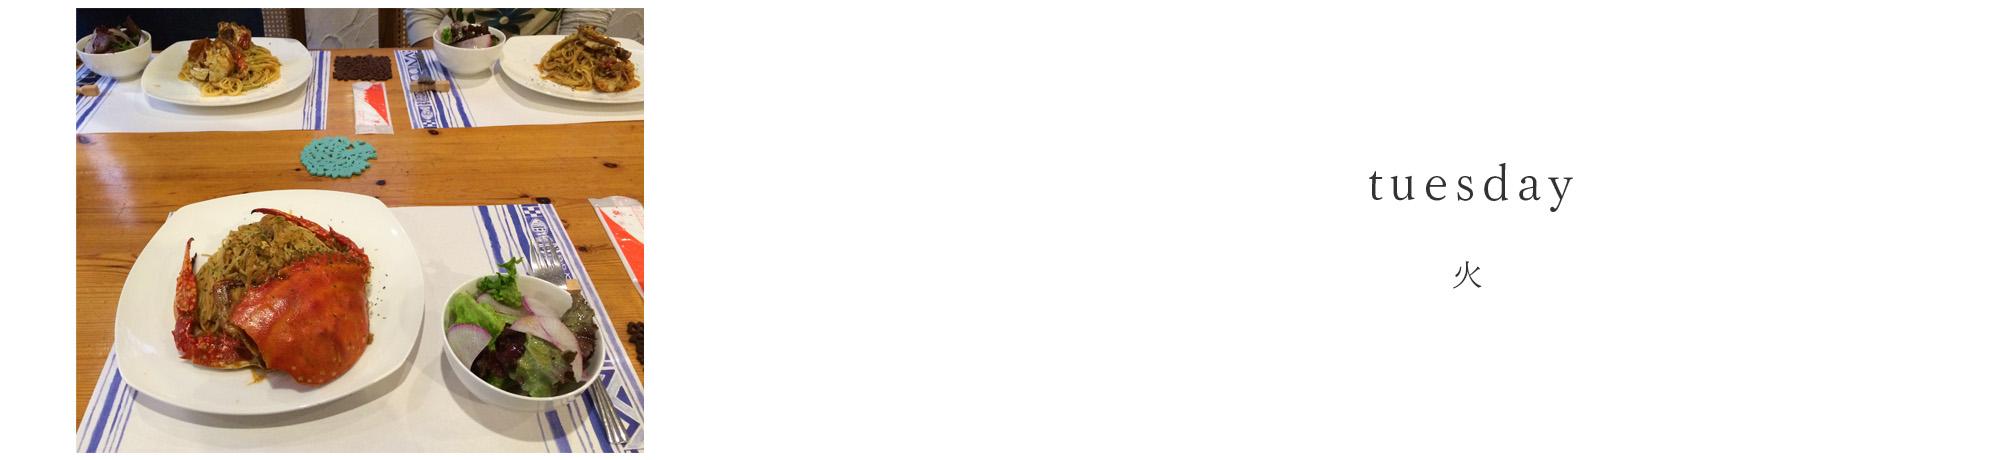 20141128_ボクの月火水木金日記_03tue